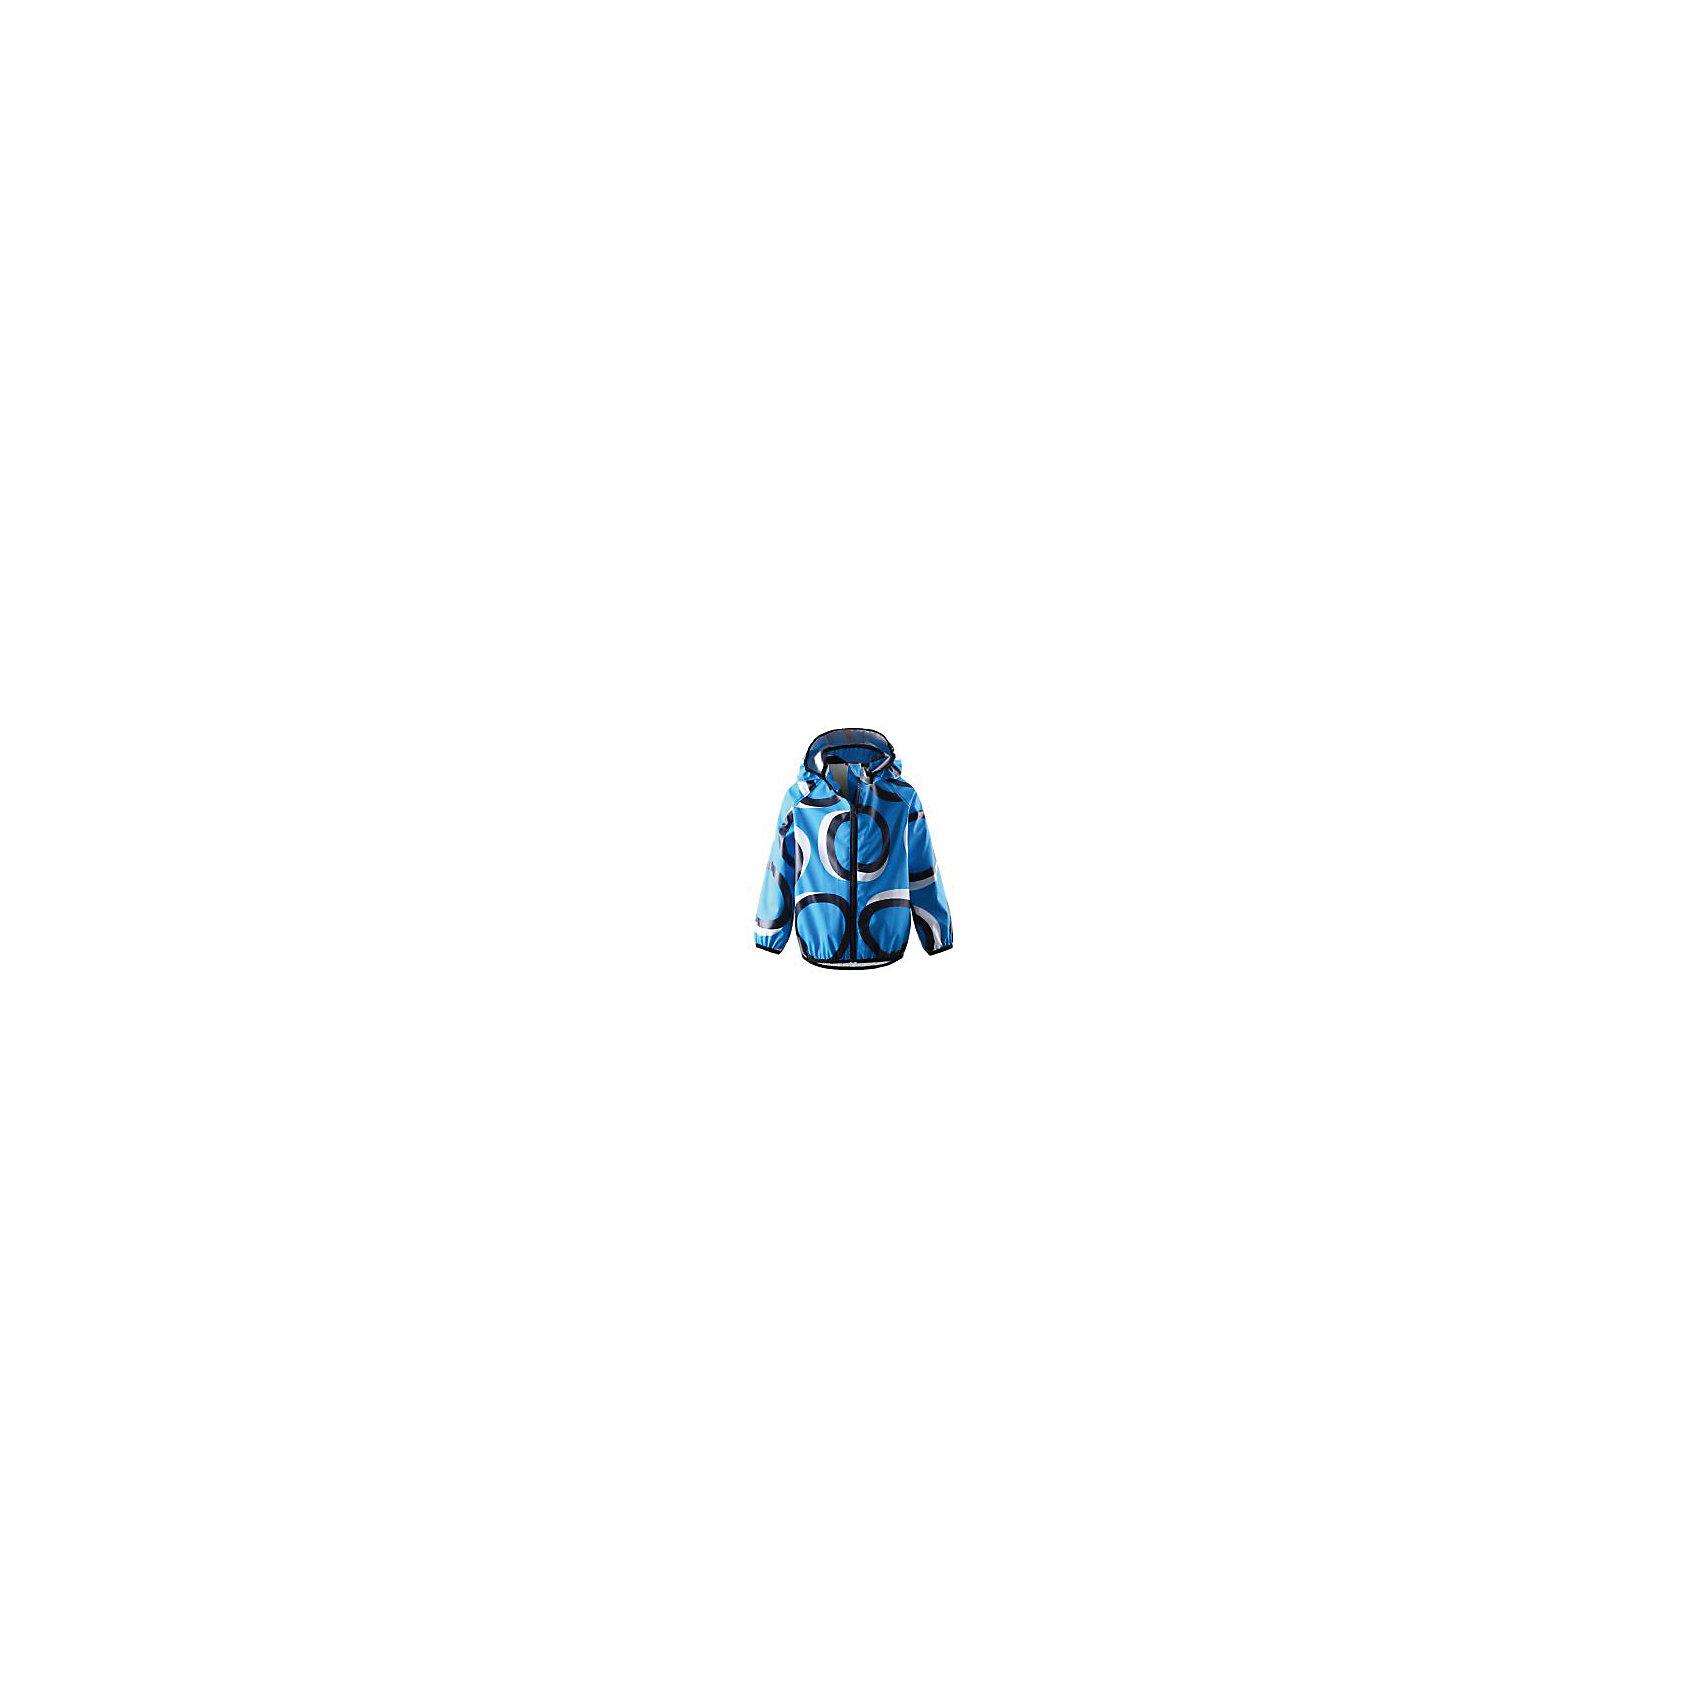 Плащ-дождевик ReimaОдежда<br>Классический плащ Reima® для малышей с фантастическими расцветками и рисунками. Безопасный, сертифицированный материал ?ko-Tex не содержит ПВХ. Гибкий, но износостойкий материал не «деревенеет» на морозе, поэтому плащ идеально подходит для использования круглый год, нужно только добавить слои Reima  под низ для дополнительного тепла. Съемный капюшон обеспечит безопасность во время игр на воздухе, и защитит от ливня и пронизывающего ветра.<br>#Куртка-дождевик для детей#Запаянные швы, не пропускающие влагу#Эластичный материал#Безопасный, съемный капюшон#Эластичные манжеты и подол#Молния спереди<br>Состав:<br>100% ПЭ, ПУ-покрытие<br>Уход:<br>Стирать по отдельности, вывернув наизнанку. Стирать моющим средством, не содержащим отбеливающие вещества. Полоскать без специального средства. Во избежание изменения цвета изделие необходимо вынуть из стиральной машинки незамедлительно после окончания программы стирки. Сушить при низкой температуре.<br><br>Ширина мм: 356<br>Глубина мм: 10<br>Высота мм: 245<br>Вес г: 519<br>Цвет: синий<br>Возраст от месяцев: 108<br>Возраст до месяцев: 120<br>Пол: Унисекс<br>Возраст: Детский<br>Размер: 140,116,134<br>SKU: 4755829